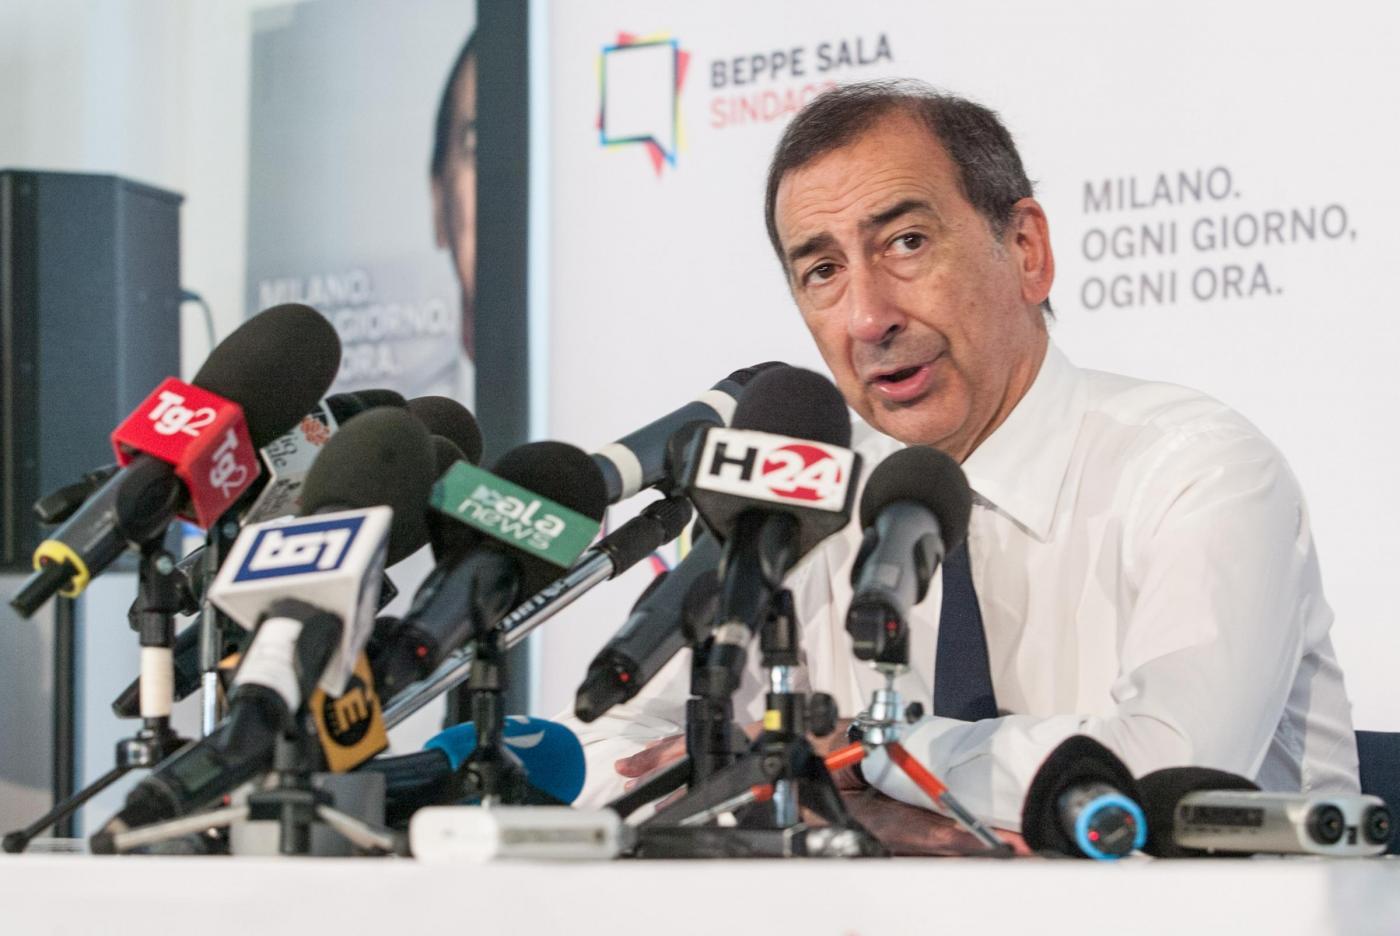 Milano: Giuseppe Sala torna a fare il sindaco, l'autosospensione è finita